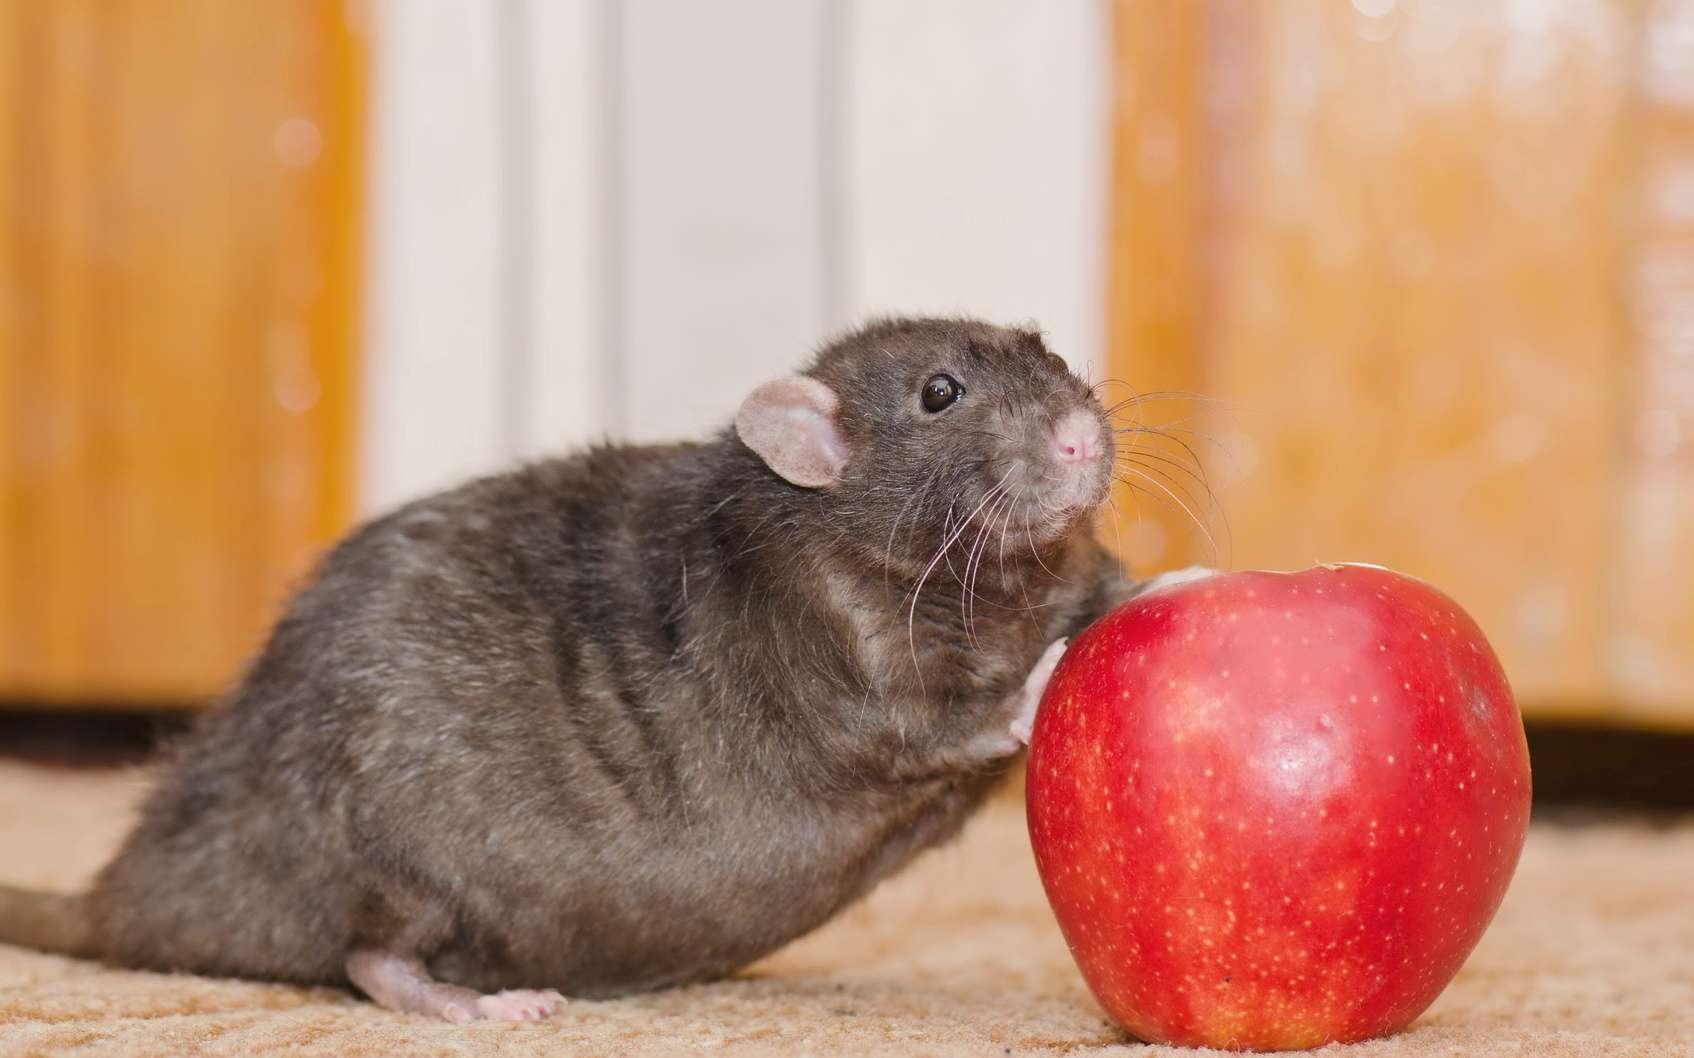 Un rat obèse à côté d'une pomme. © andwill, Fotolia